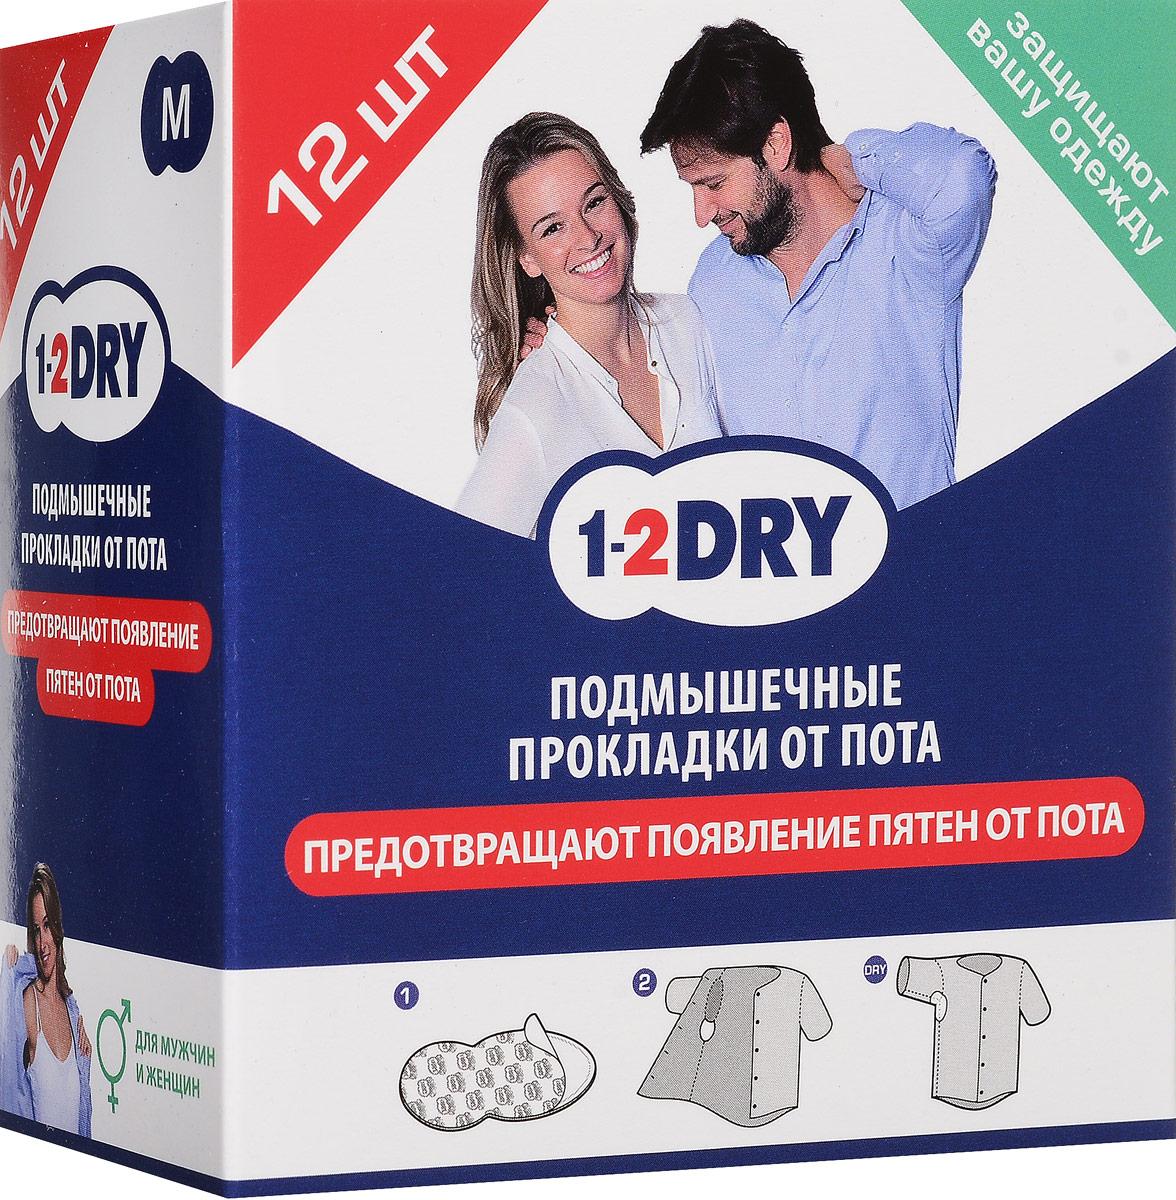 """Фото Прокладки для подмышек от пота""""1-2DRY"""" №12 средние белого цвета. Купить  в РФ"""